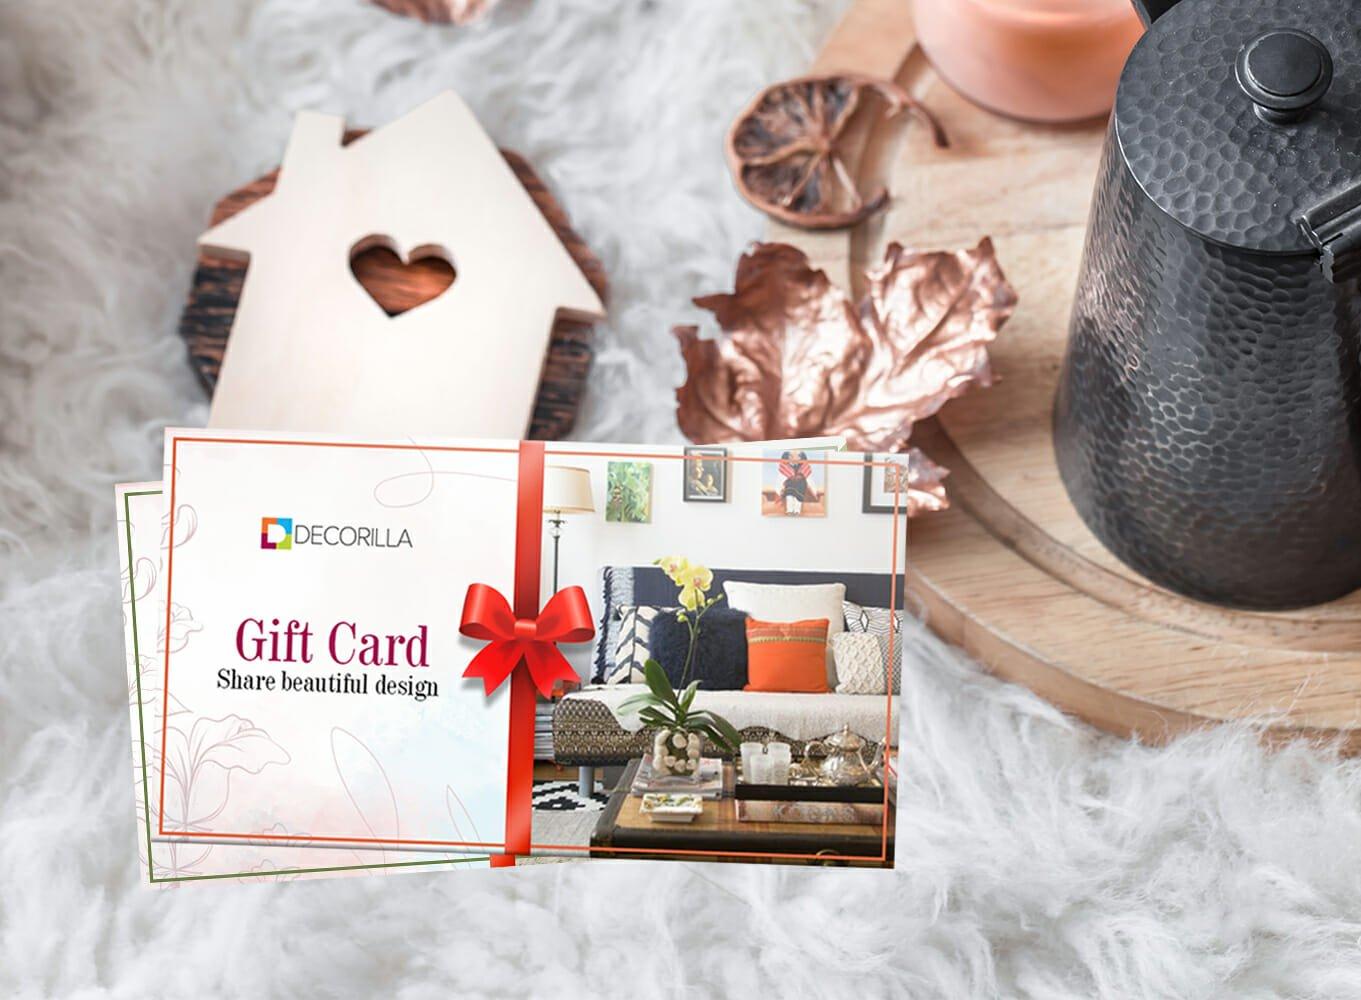 Best gift card idea - An interior design gift card